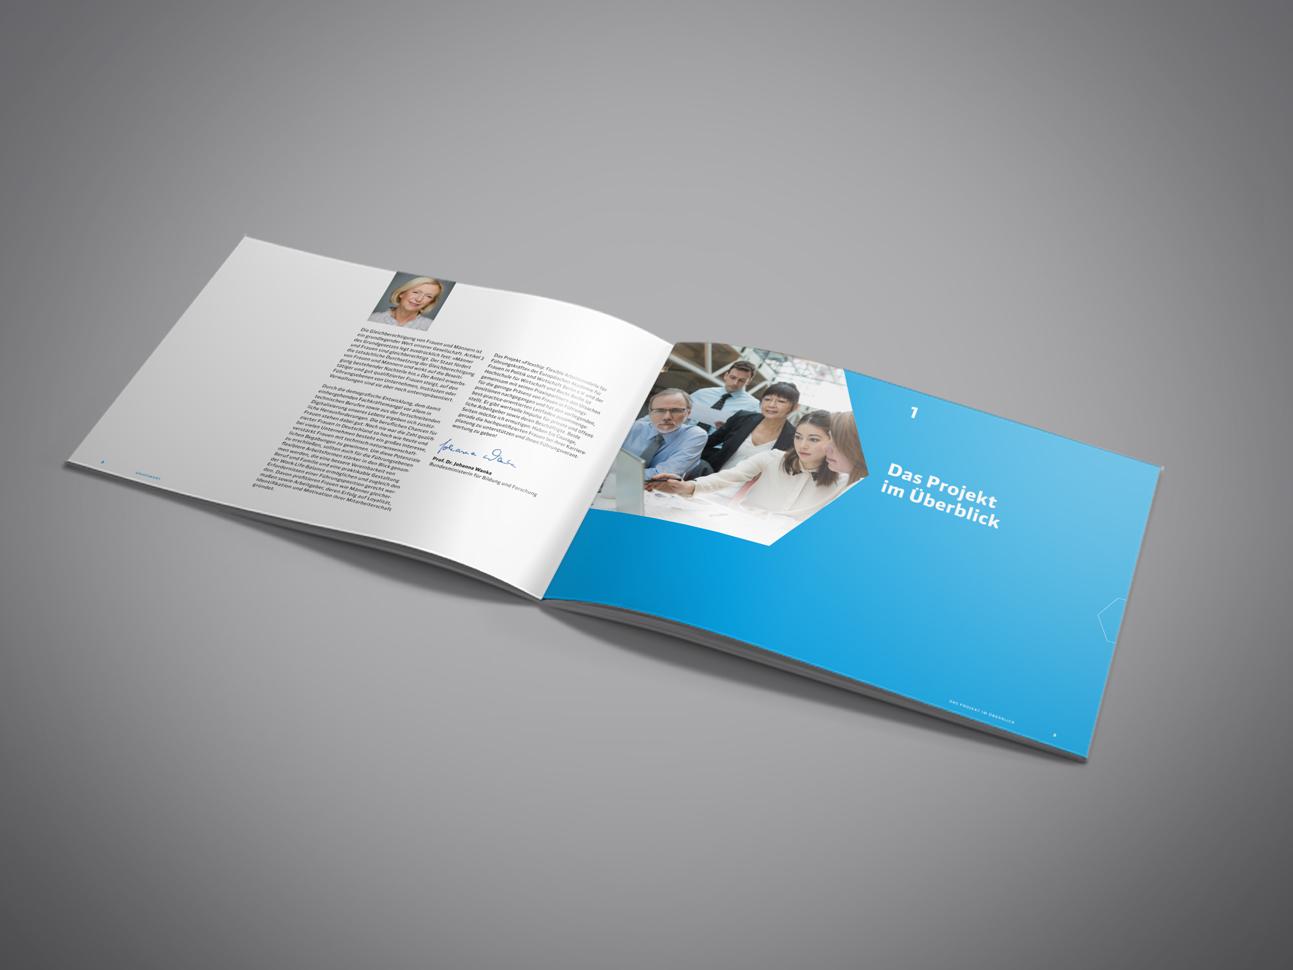 martin_zech_design_projekt_design_flexship_praxisleitfaden_kapitel1